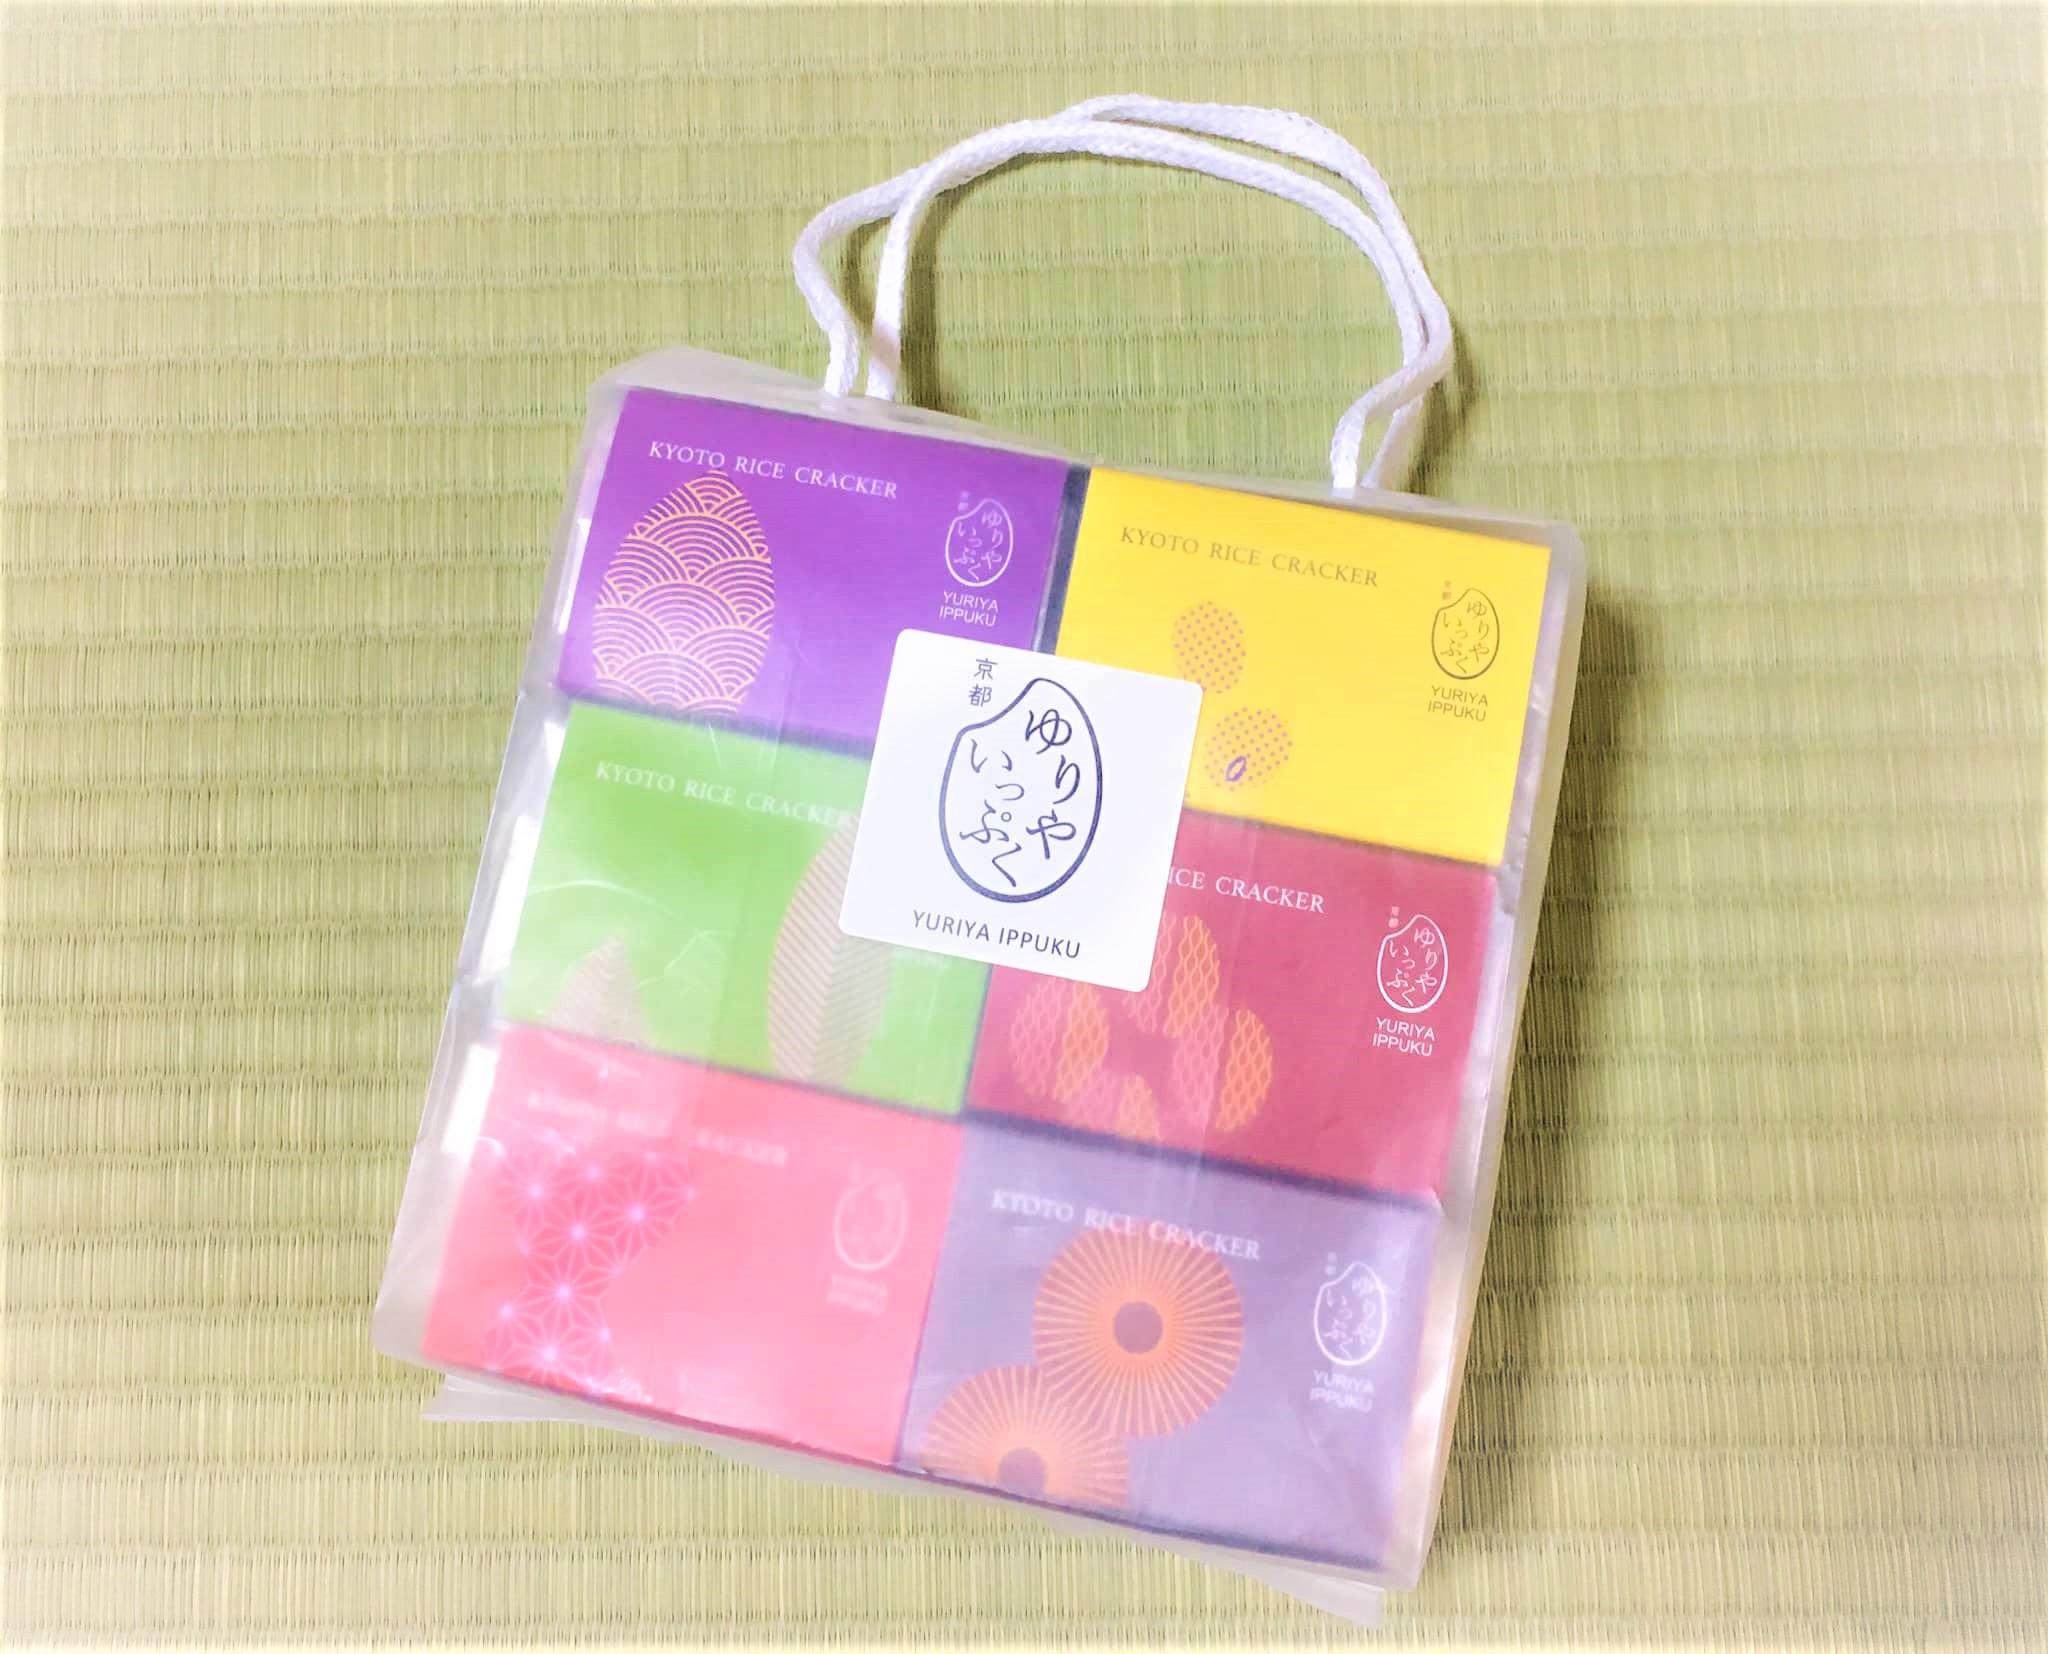 京都老舗ゆりあの新商品の写真